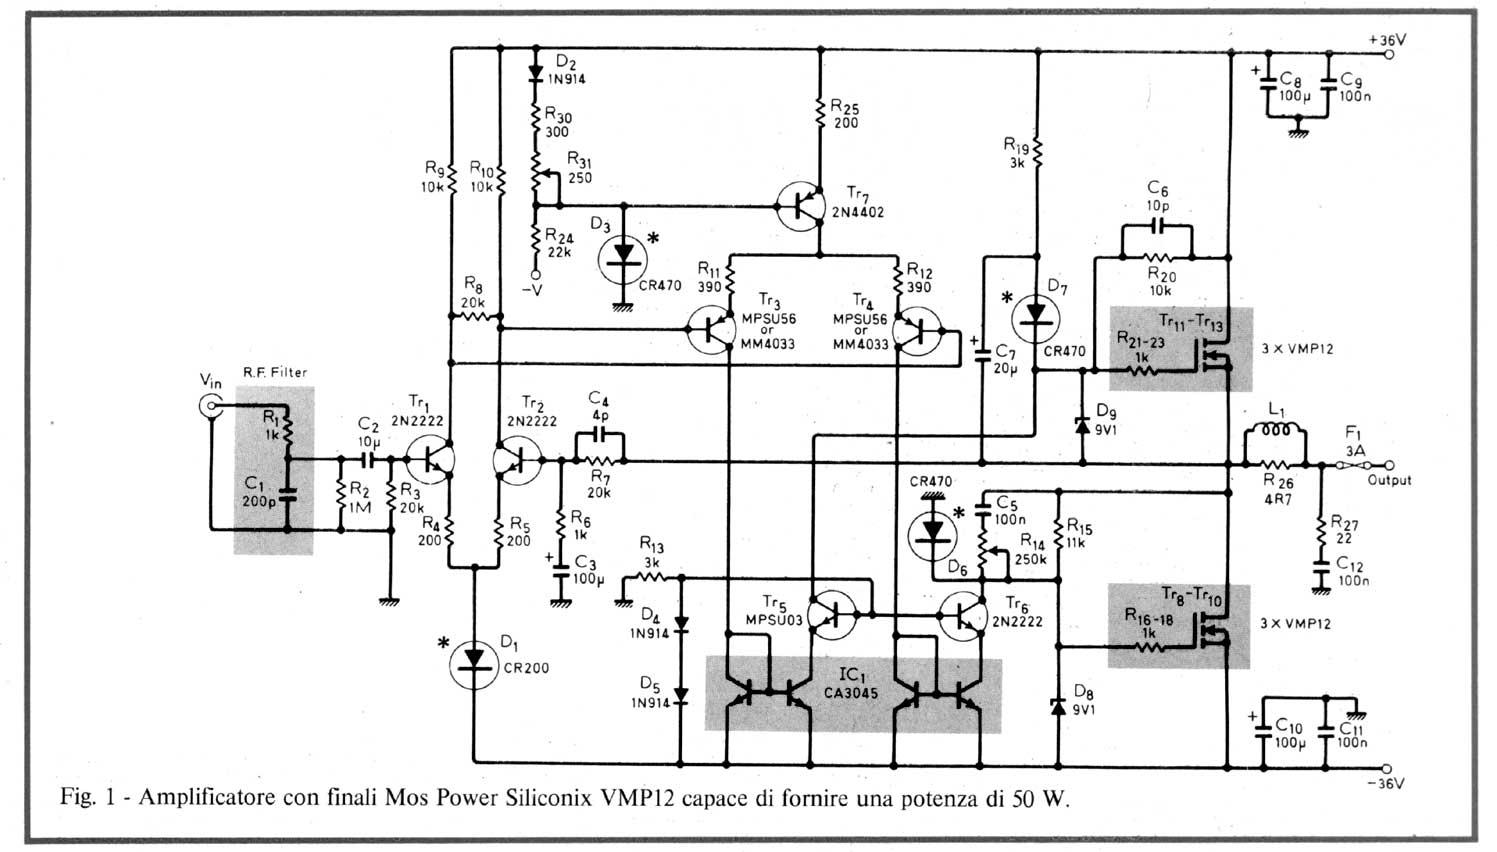 microEDUC: Projetos de Circuitos Eletrônicos de Fontes de